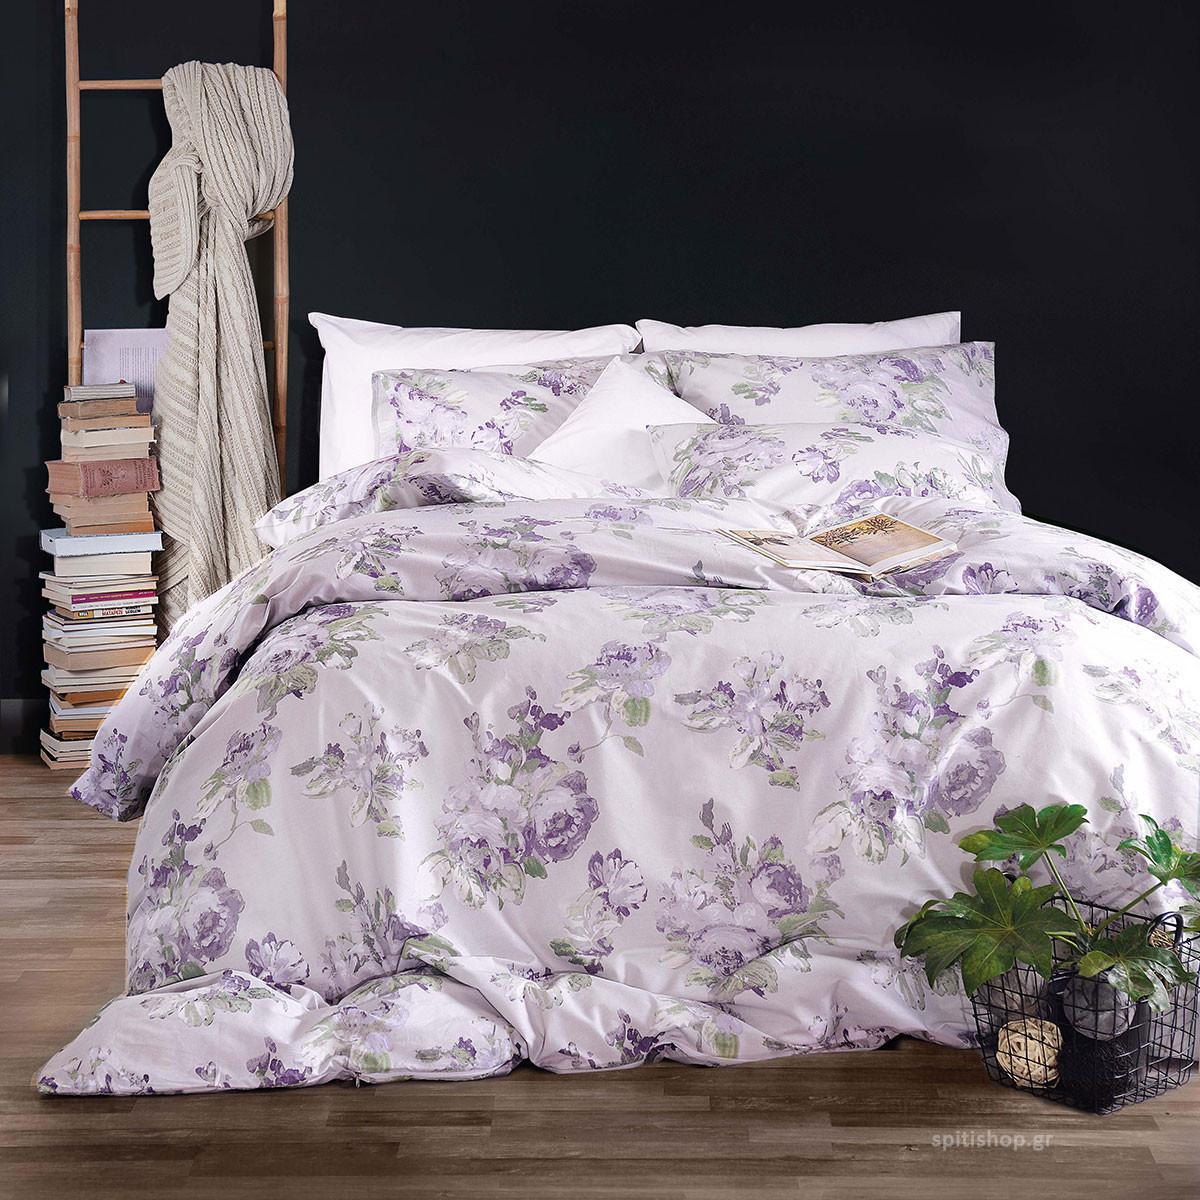 Κουβερλί Μονό (Σετ) Rythmos Diva Aeriella Lilac home   κρεβατοκάμαρα   κουβερλί   κουβερλί μονά